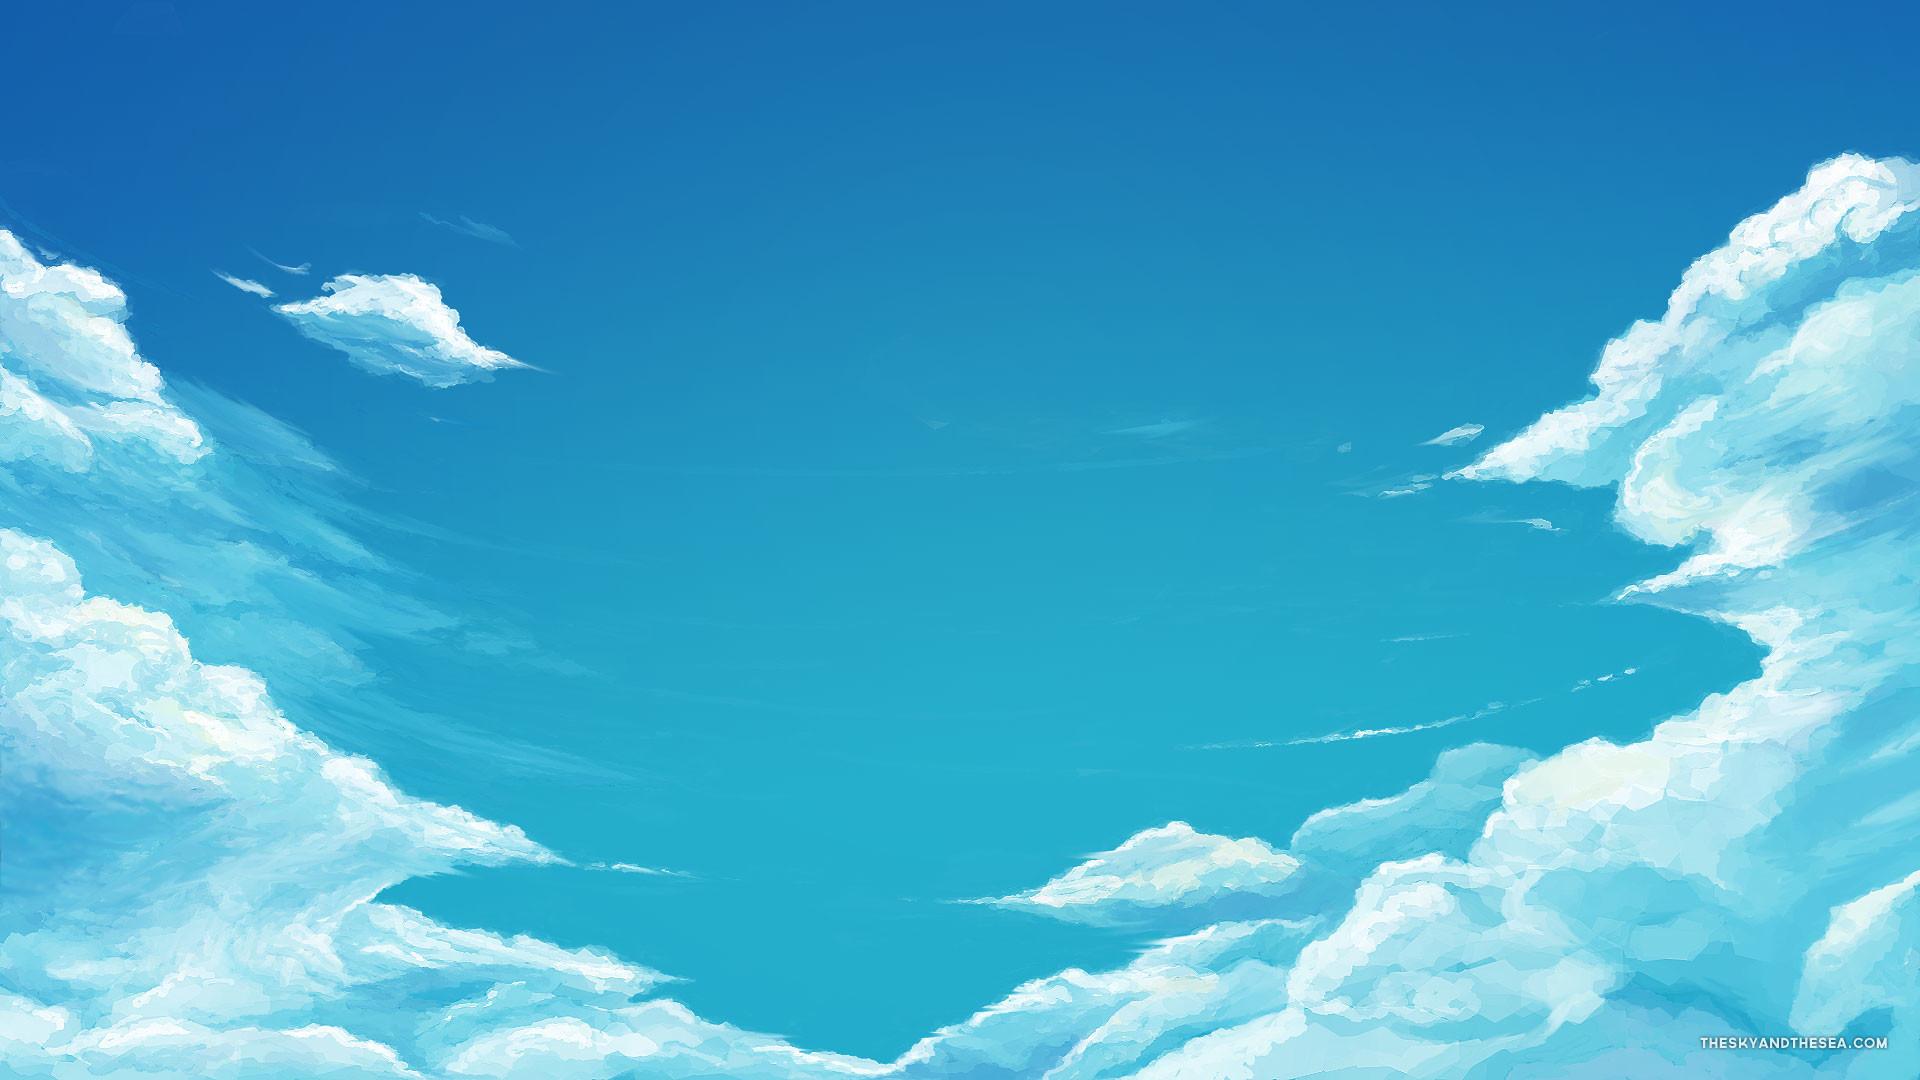 Anime Sender Sky